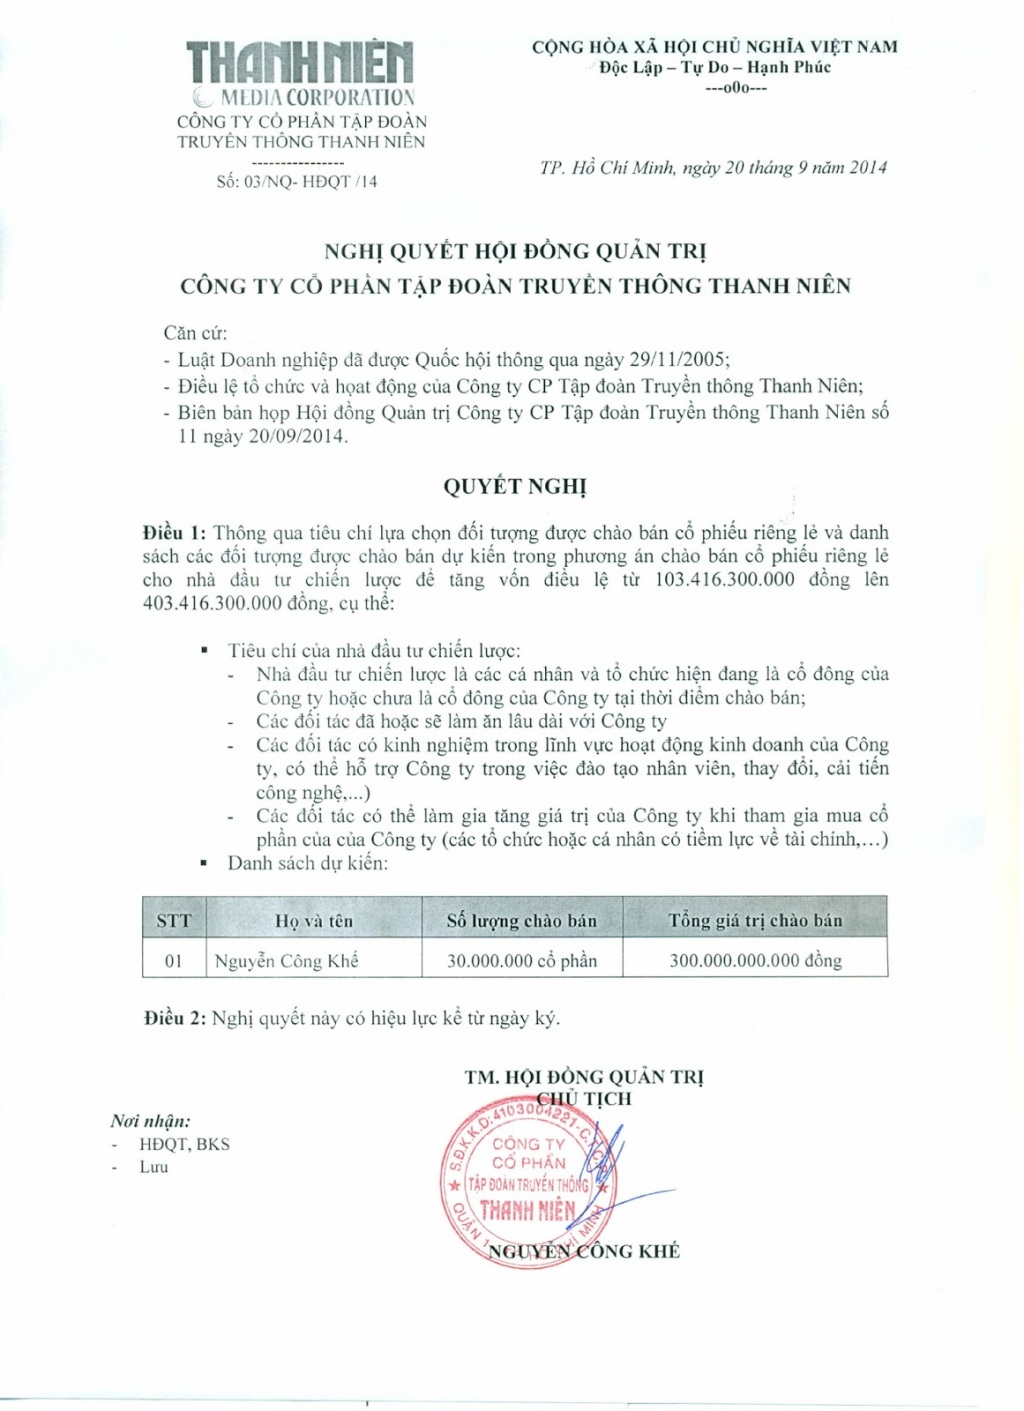 Nghị quyết chọn đối tượng được chào bán cổ phiếu riêng lẻ của TNCorp